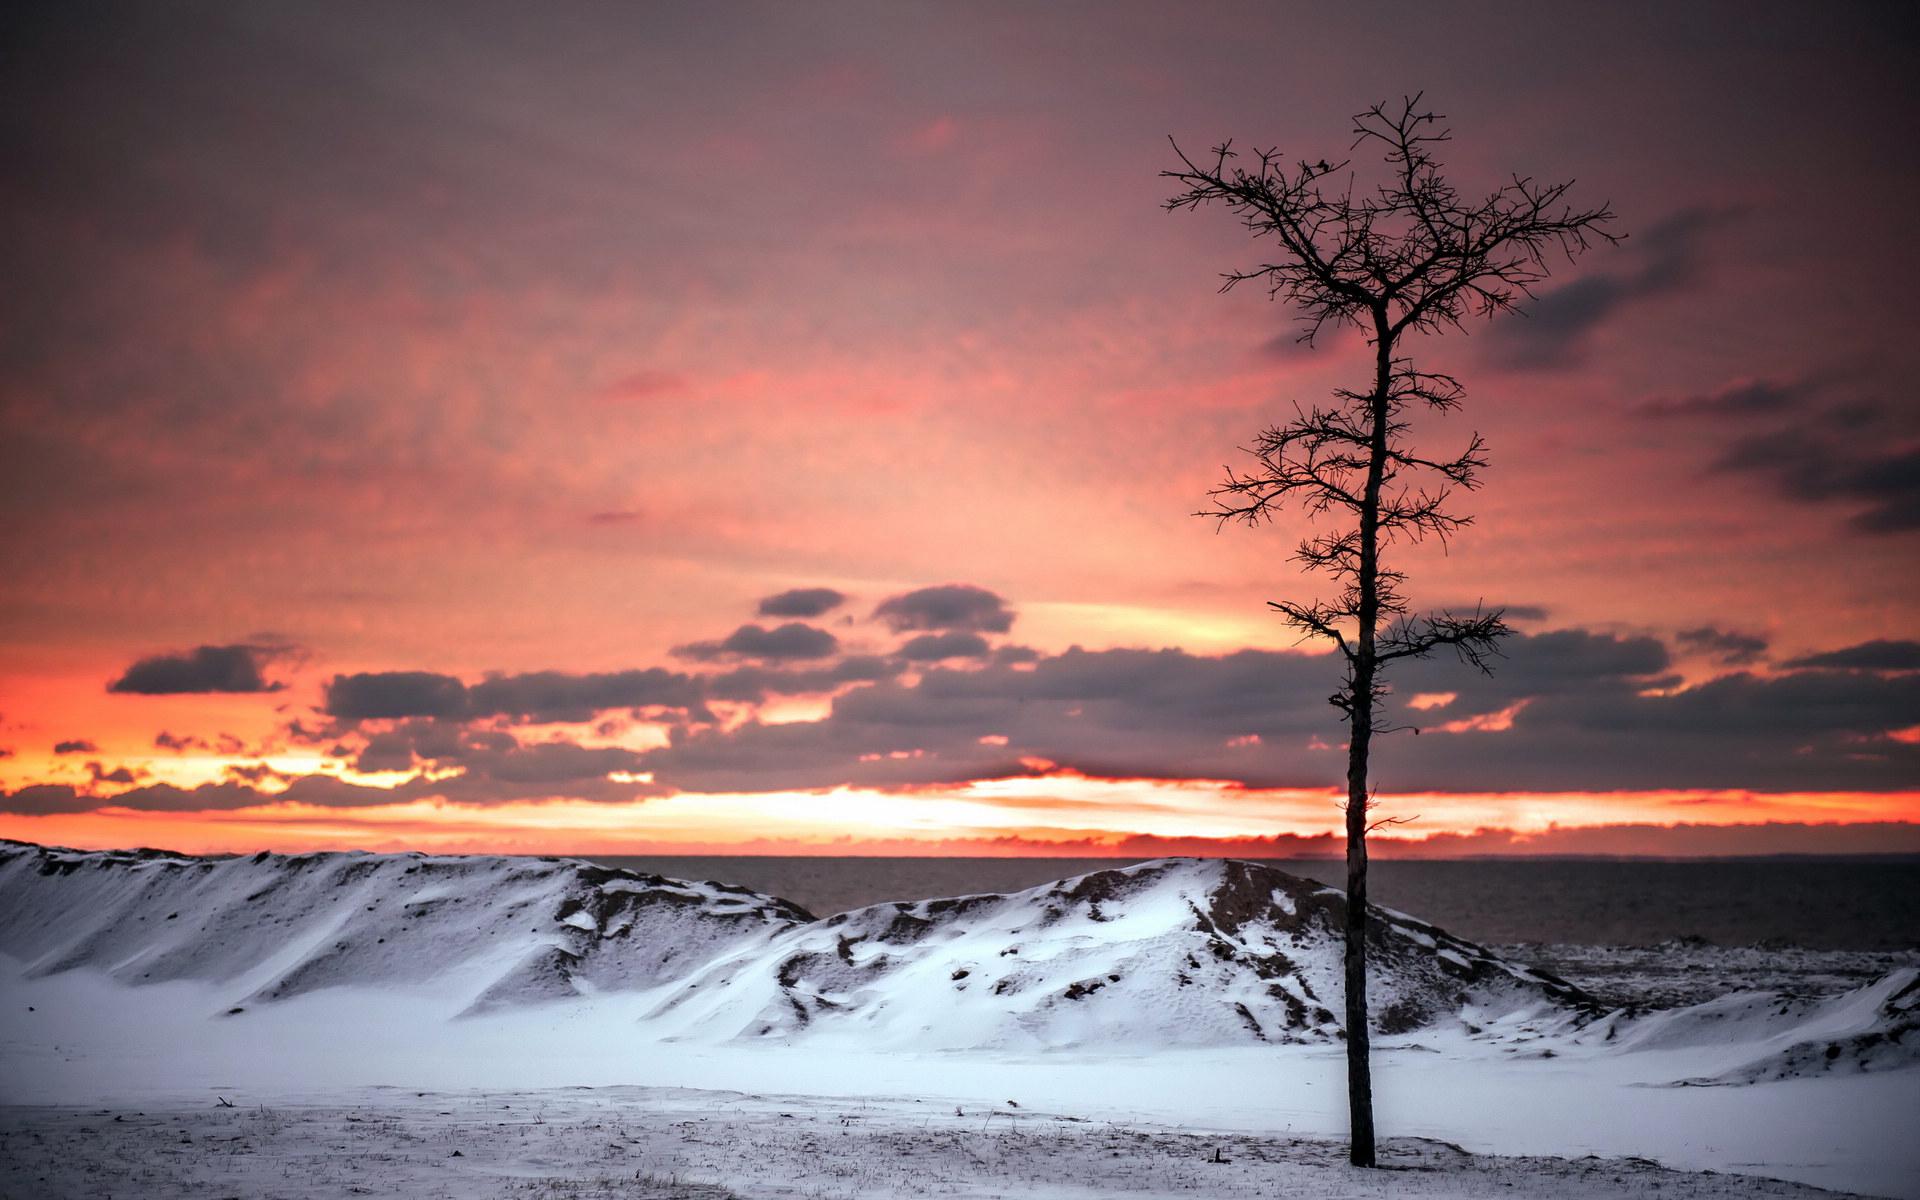 新浪网图标_雪中的树冷色风景桌面壁纸大全 雪中的树冷色风景桌面壁纸大全 ...